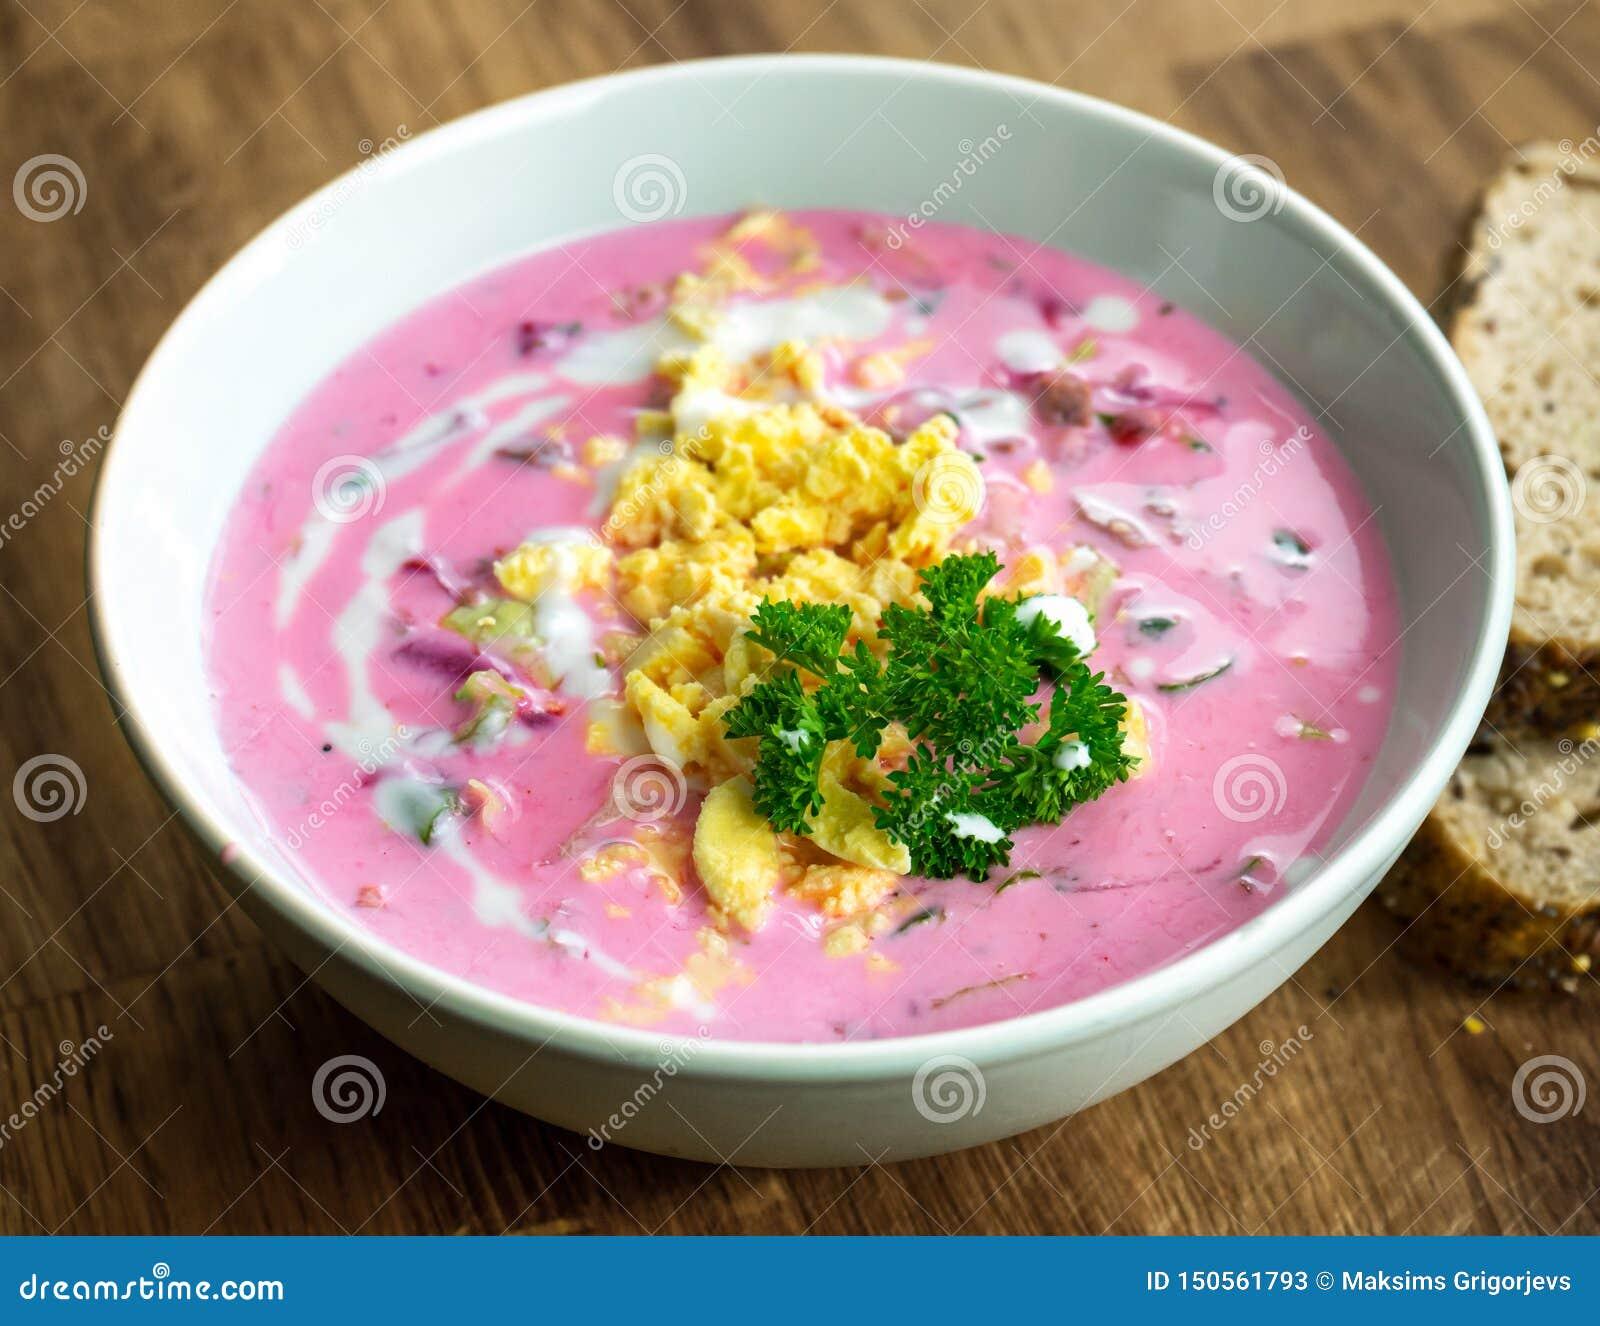 Soupe à la betterave froide avec du boeuf, des légumes et des oeufs